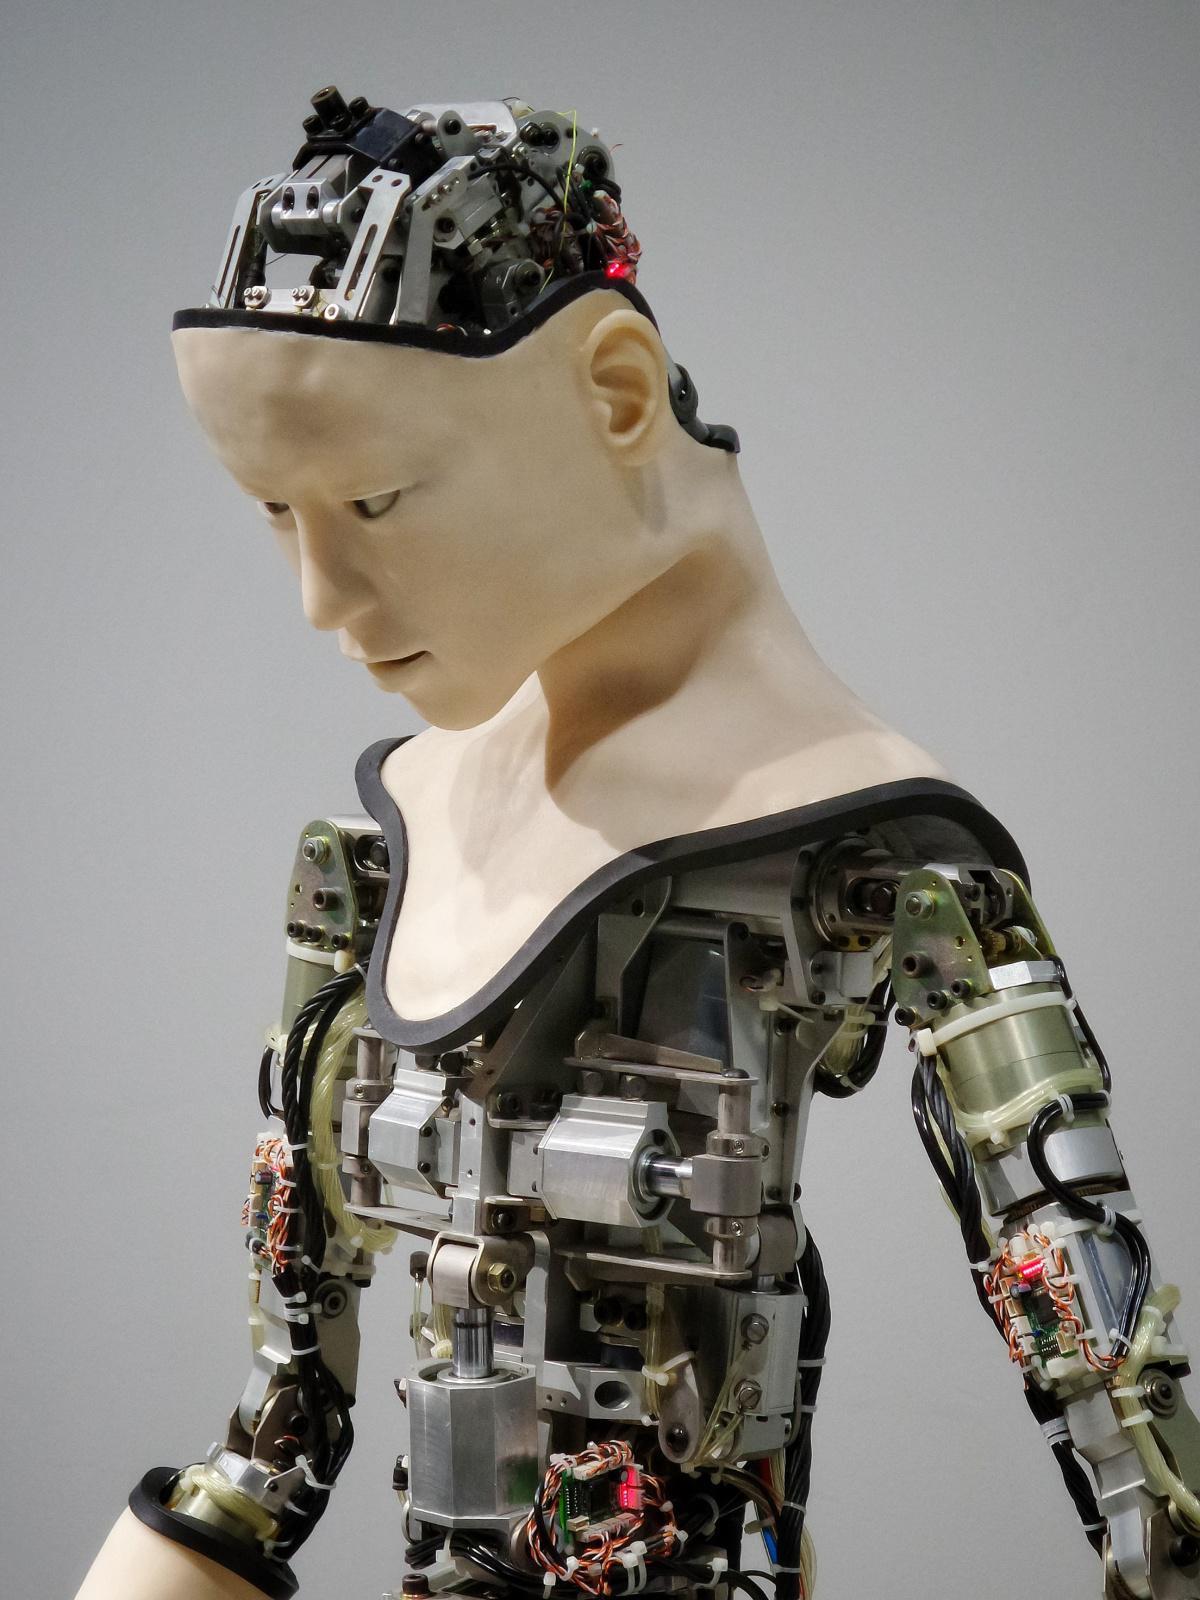 Cursos gratuitos en Inteligencia Artificial, Análisis de datos y Habilidades profesionales para mujeres abrió el Ministerio TIC, la Consejería Presidencial para la Equidad de la Mujer e IBM